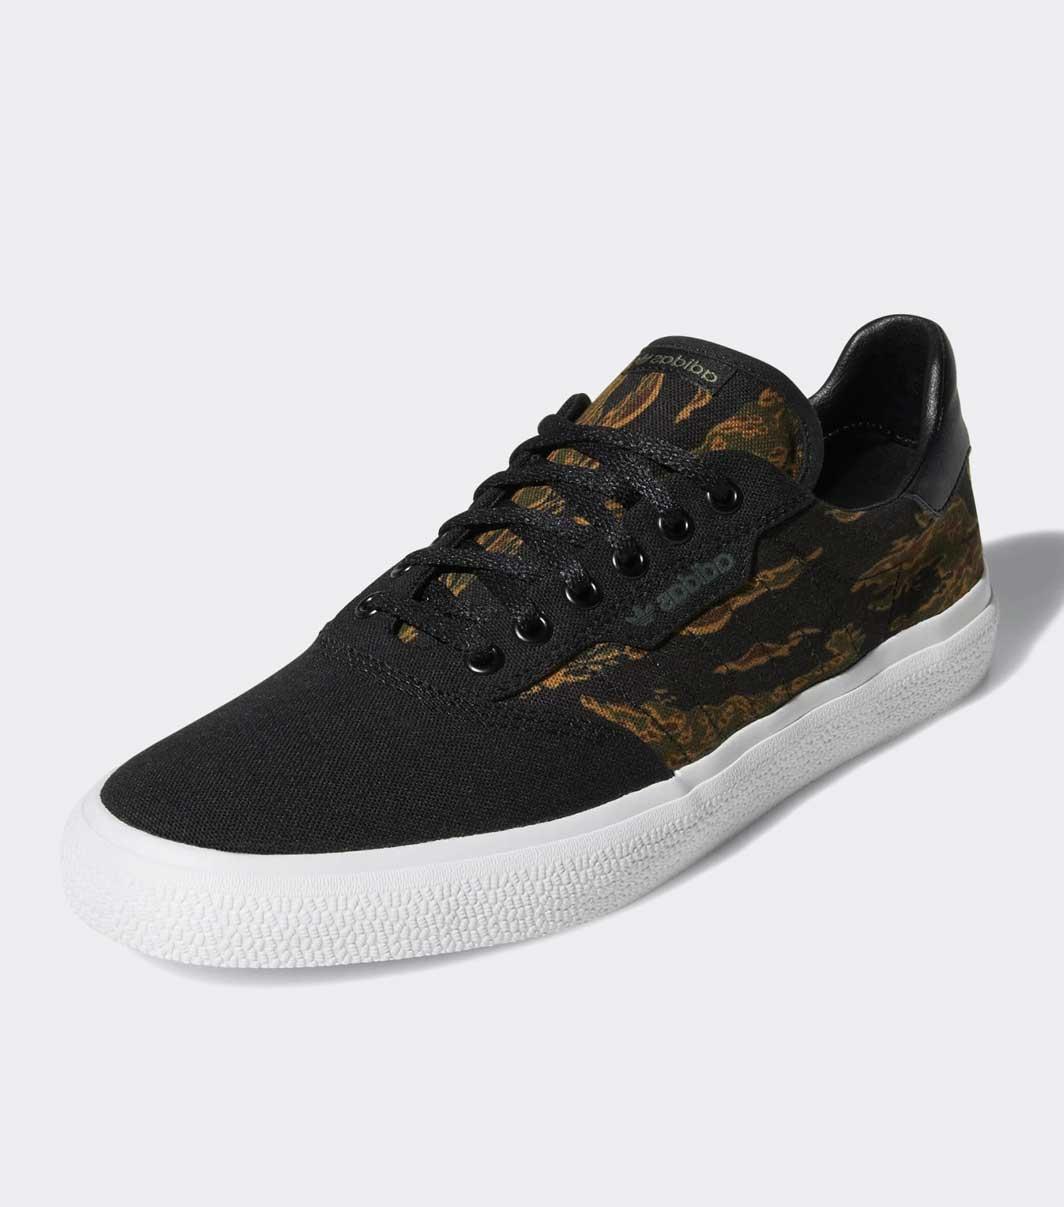 Adidas 3MC VULC Shoes Black